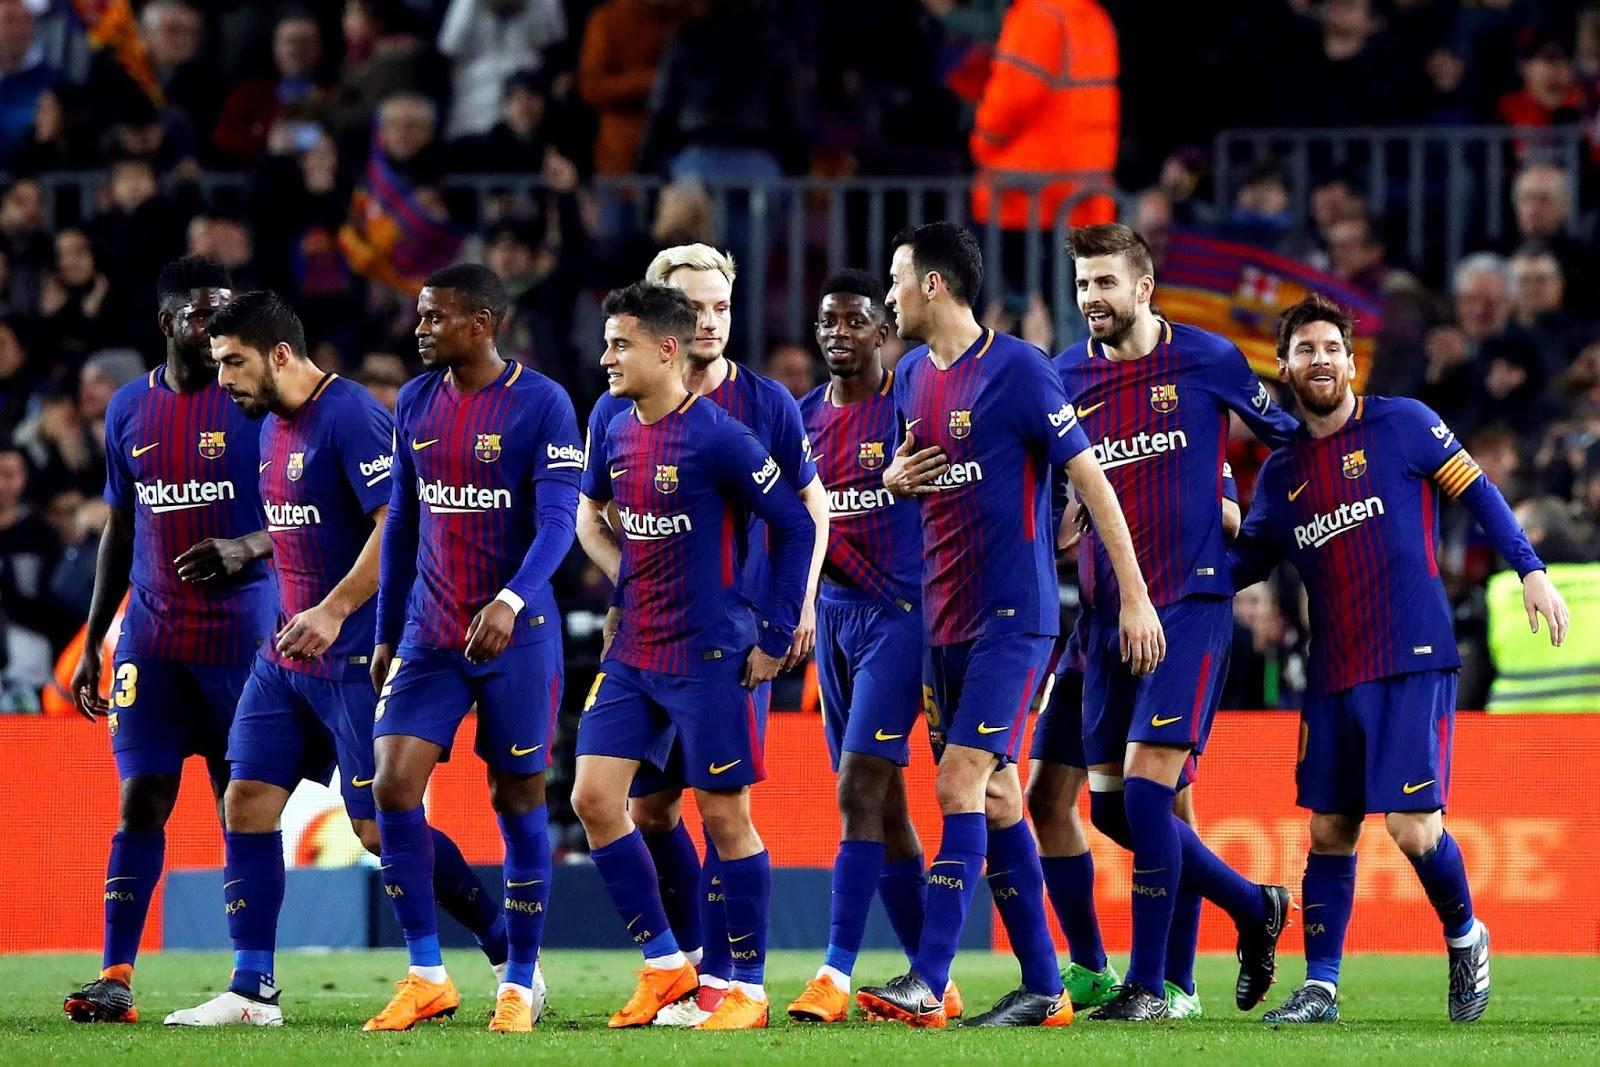 نتيجة مباراة برشلونة وفيسيل كوبي بتاريخ 27-07-2019 مباراة ودية